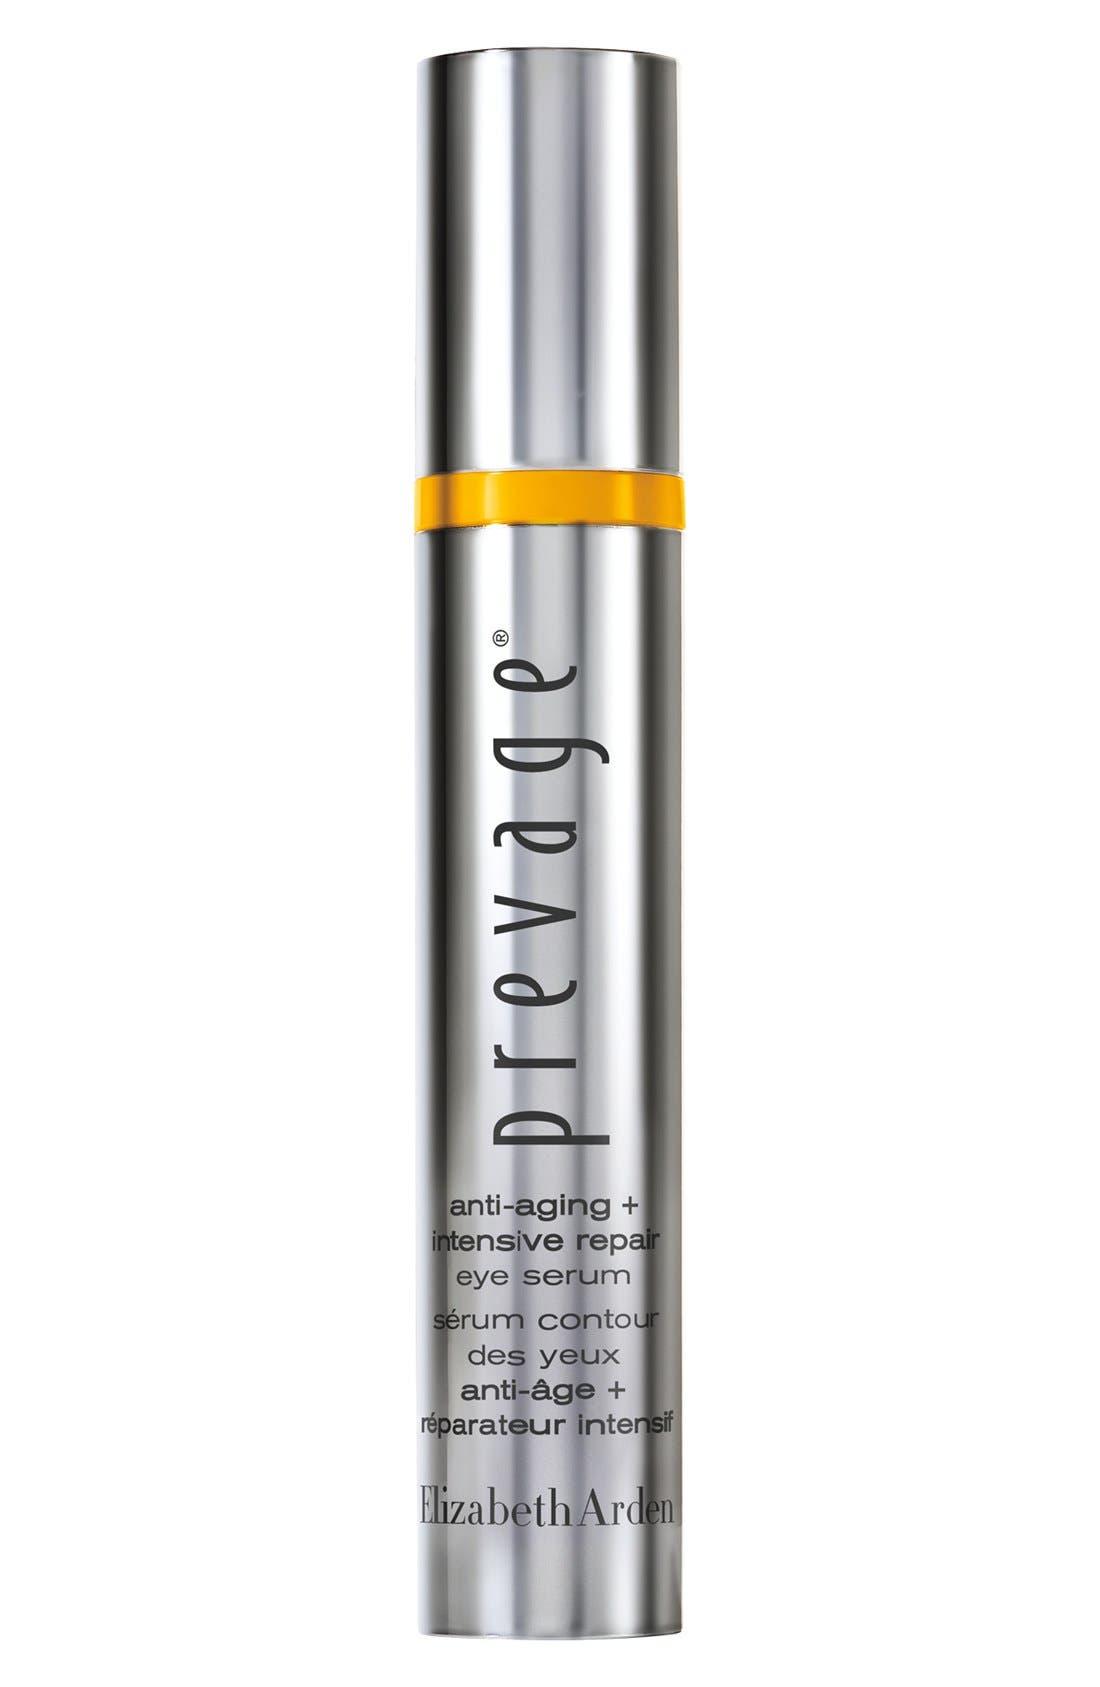 PREVAGE<sup>®</sup> 'Anti-Aging + Intensive Repair' Eye Serum,                             Main thumbnail 1, color,                             NO COLOR